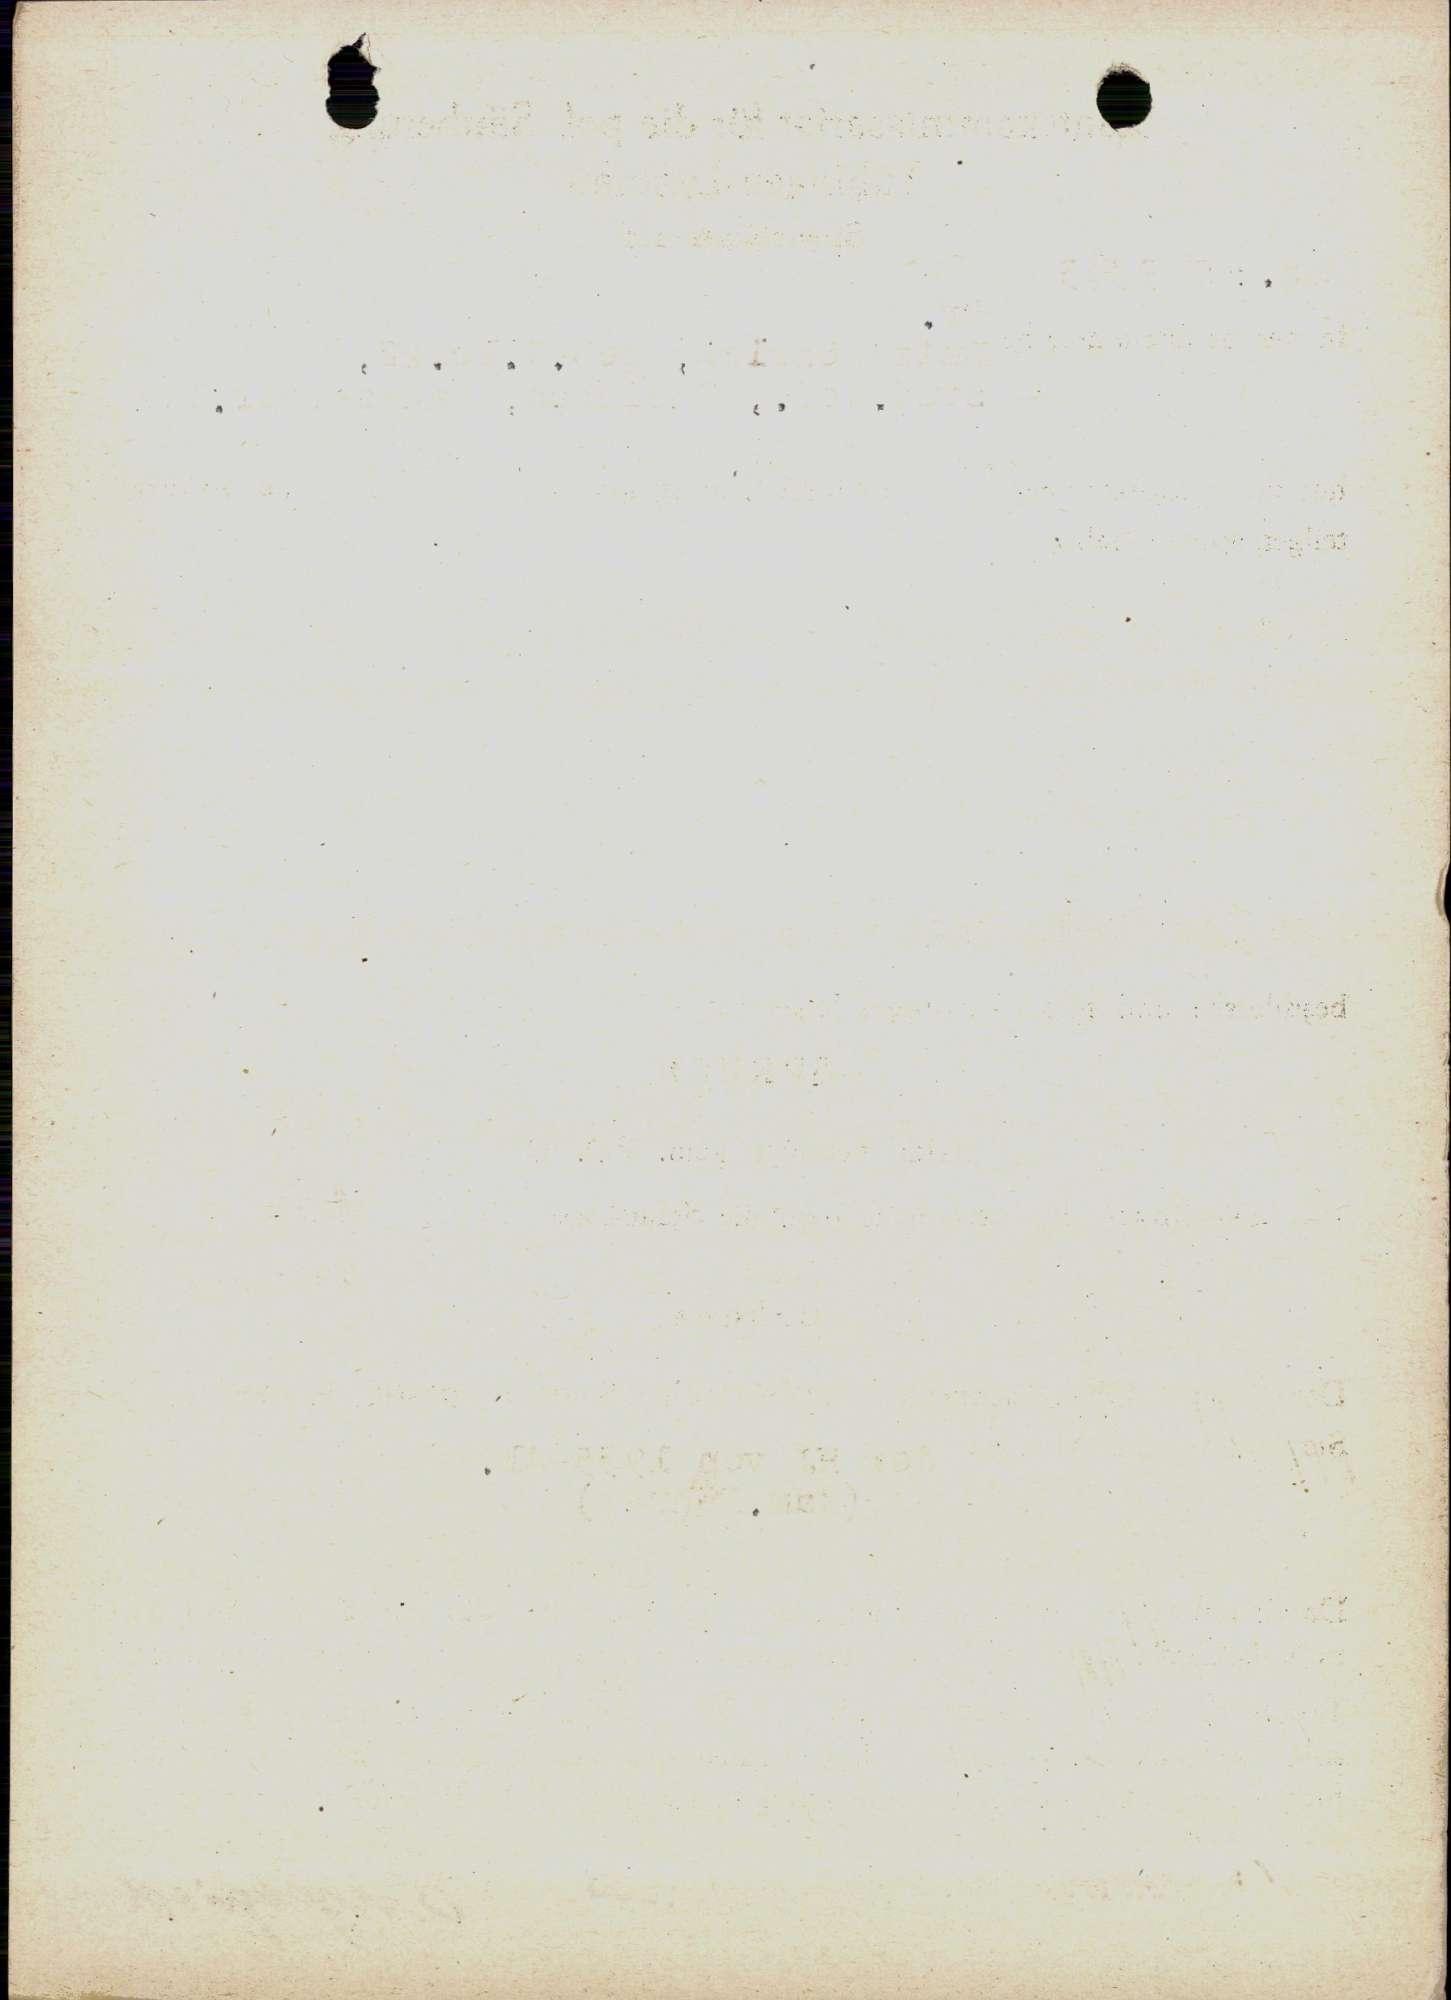 Röhrich, Lutz, Dr., Bild 2